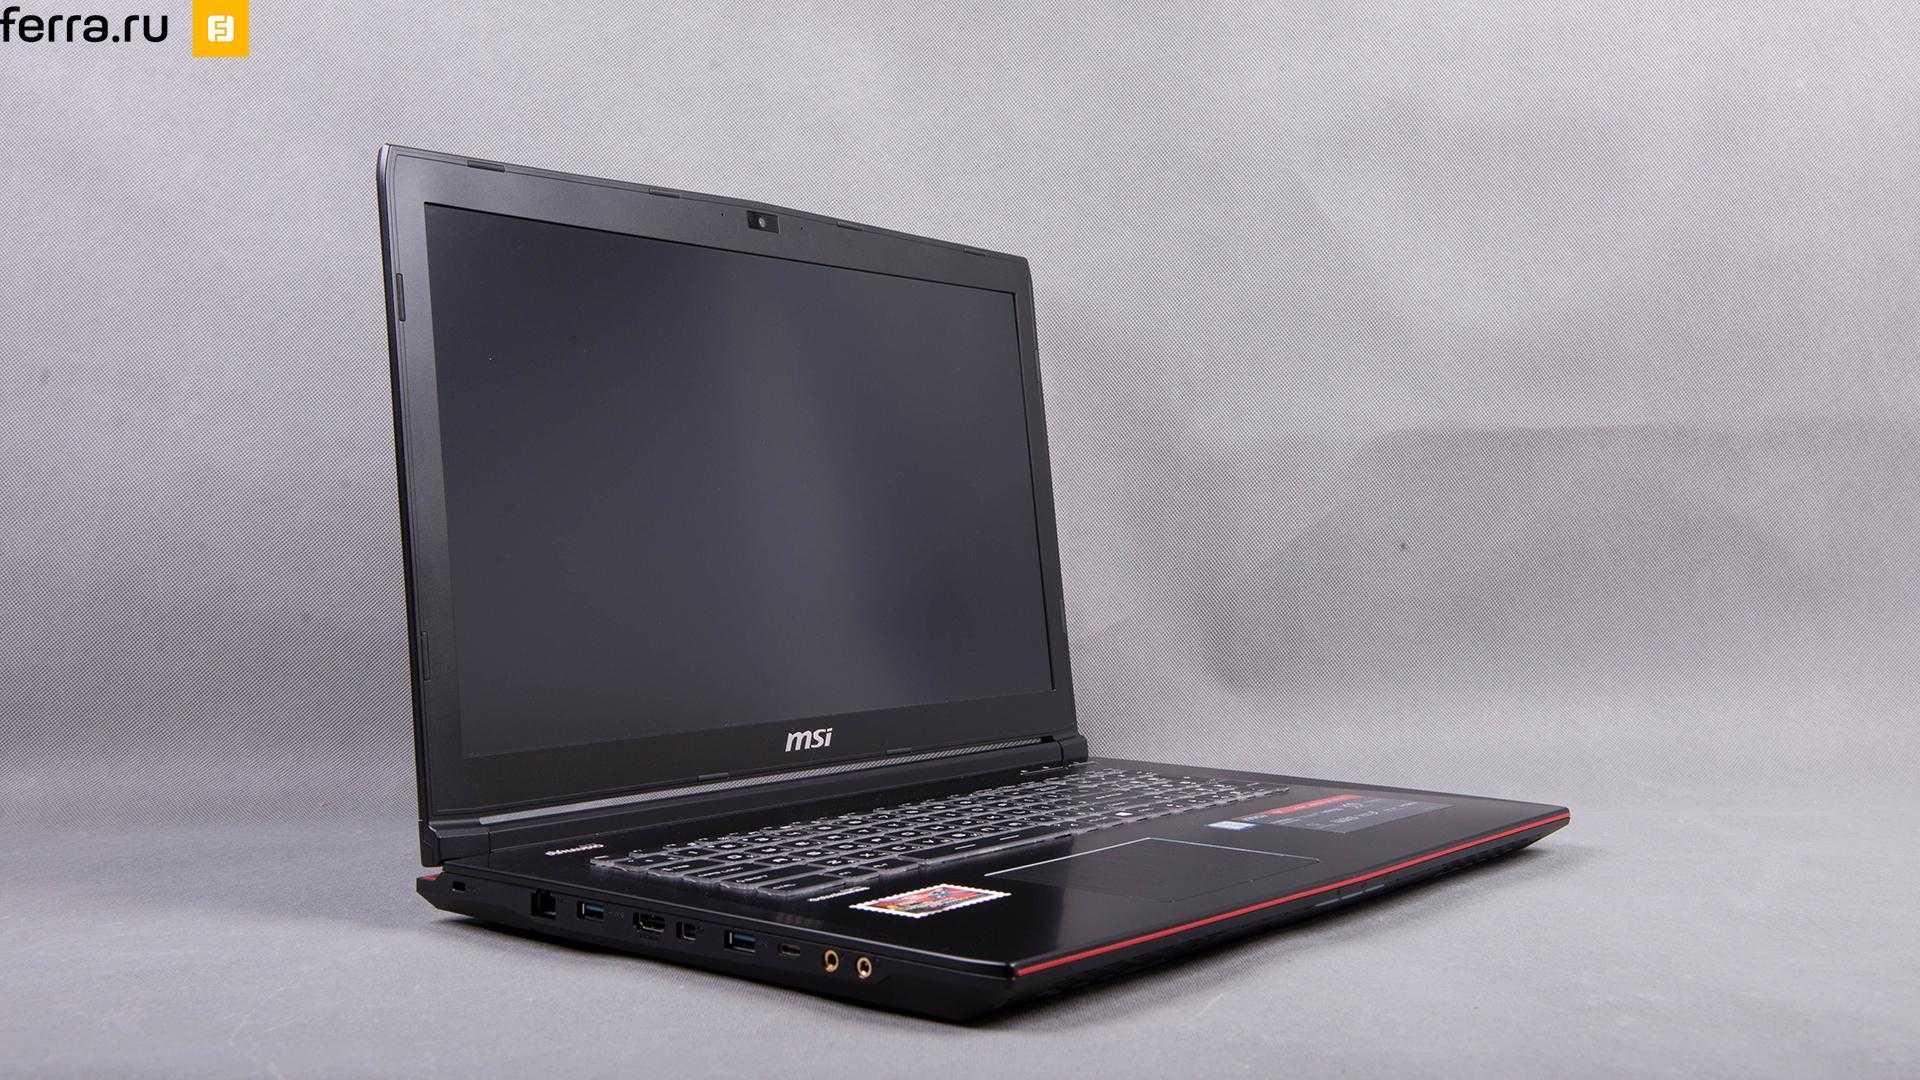 Обзор и тестирование ноутбука msi ge72vr 6rf apache pro